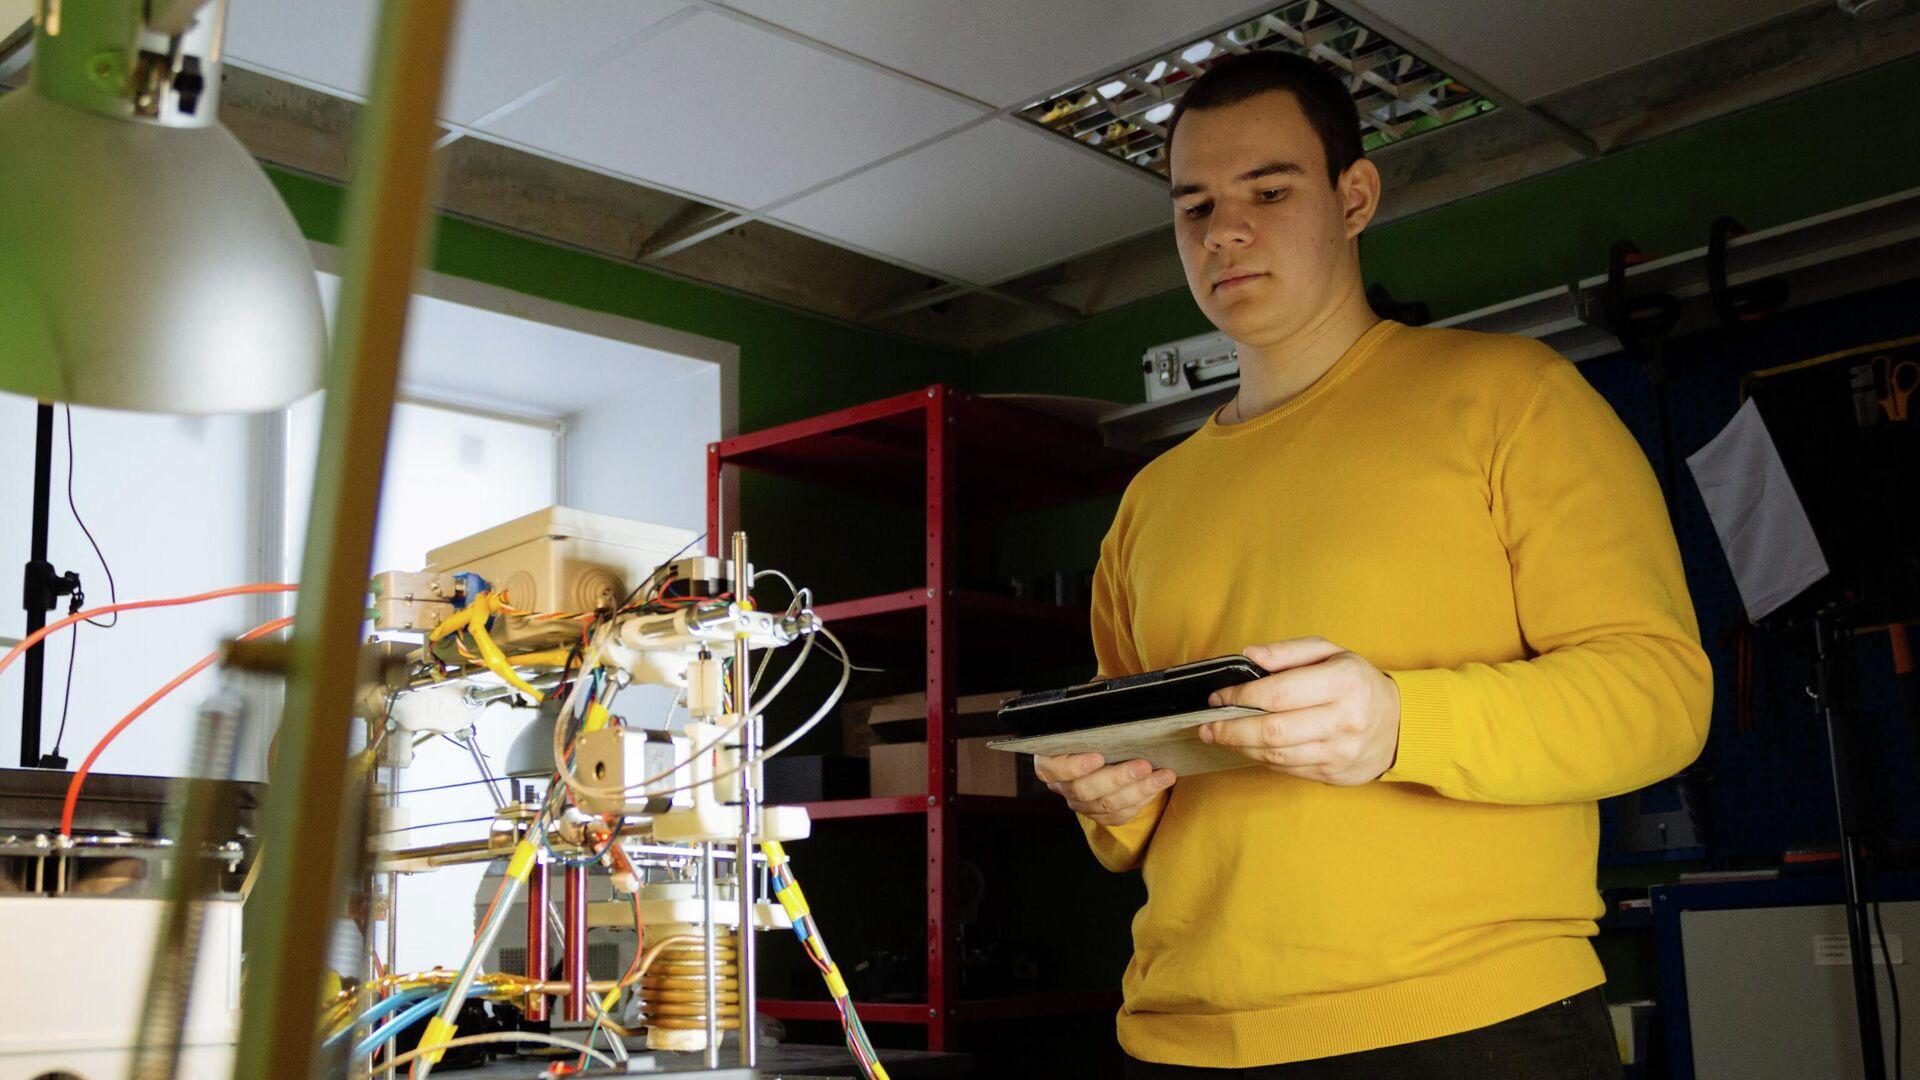 Магистрант Самарского университета имени Королёва Сергей Репин разработал технологию, которая позволит создавать эффективные и дешевые в использовании 3D-принтеры, печатающие металлом - РИА Новости, 1920, 17.09.2020